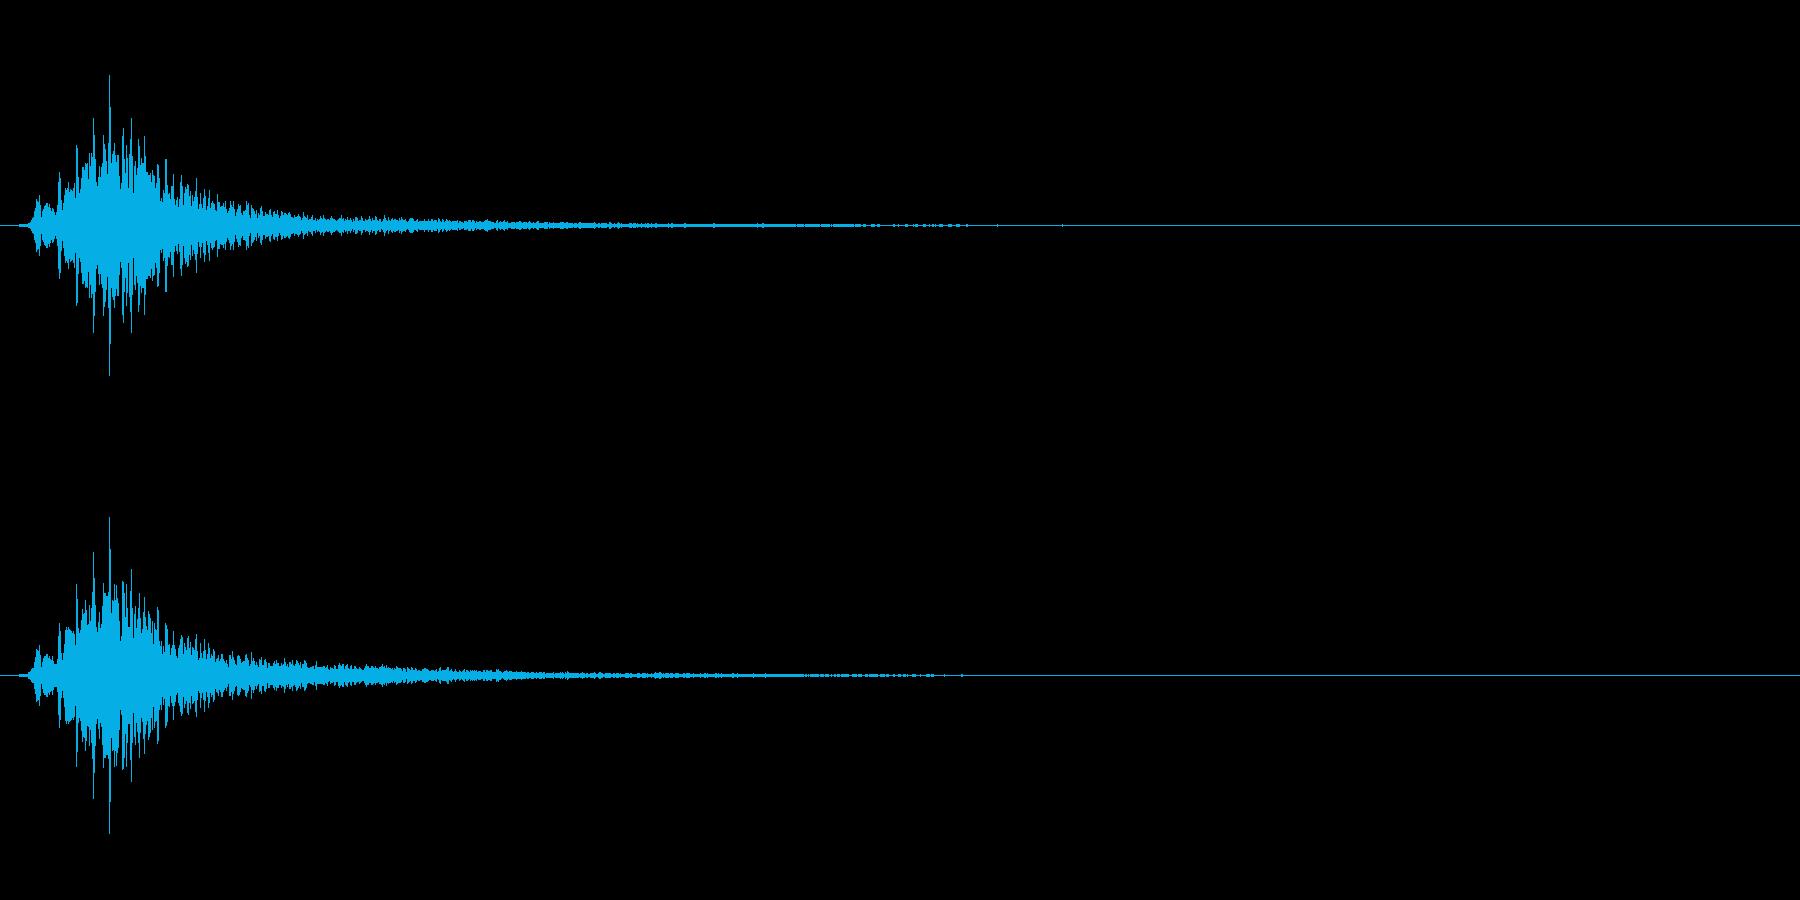 キラキラ系_012の再生済みの波形